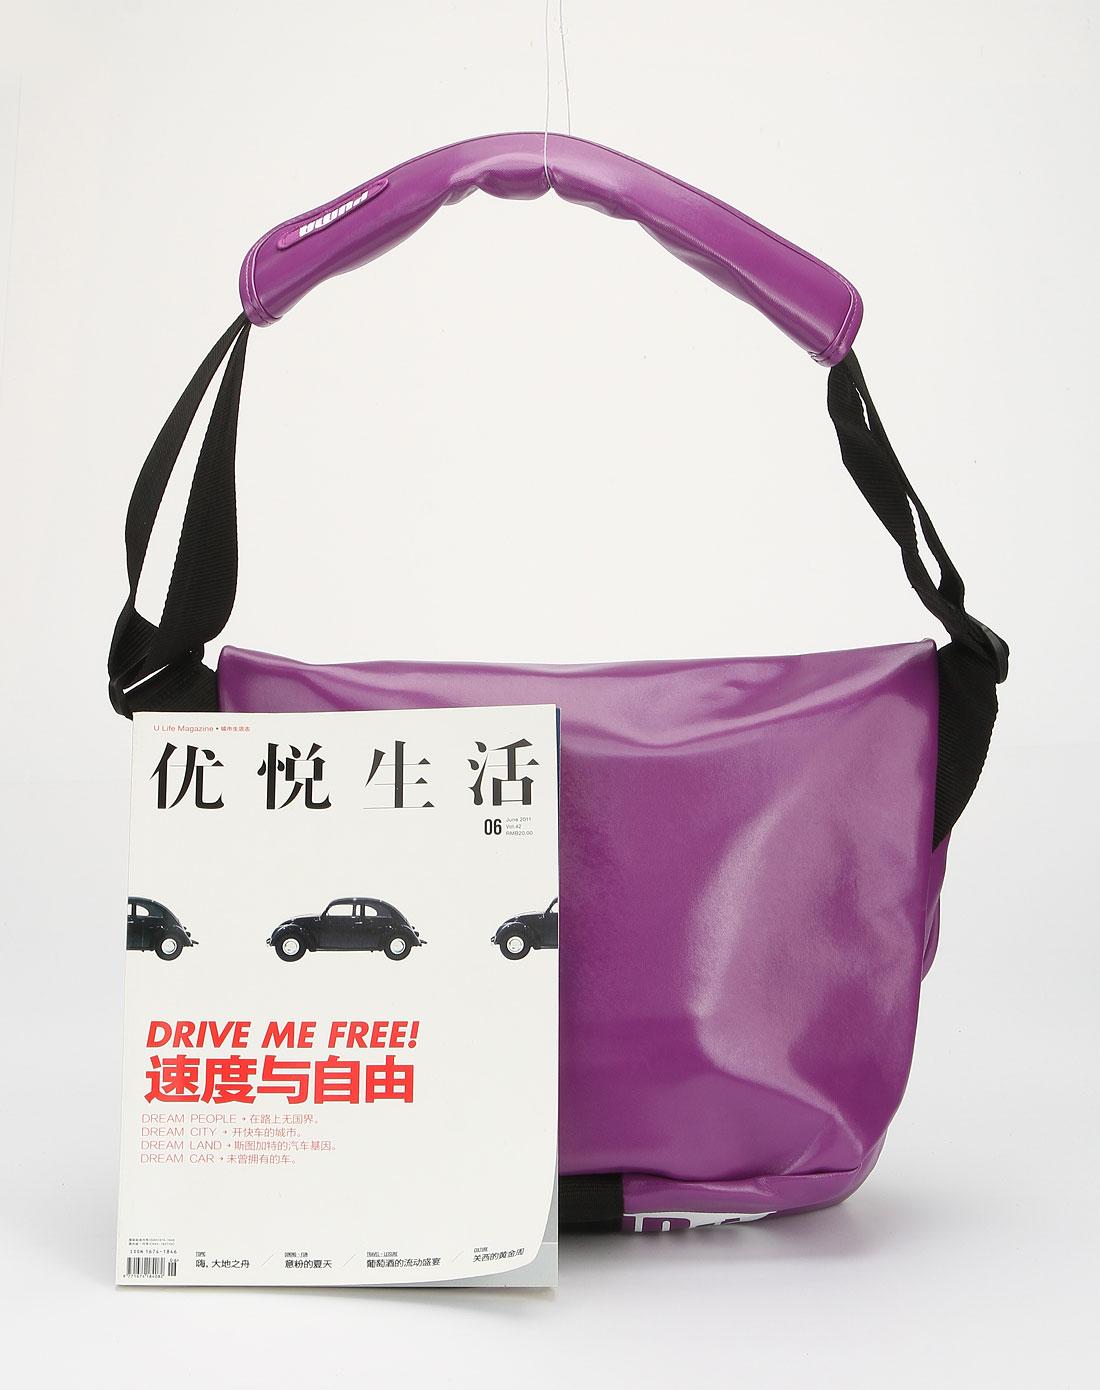 彪马puma紫色traction系列斜挎包06915704